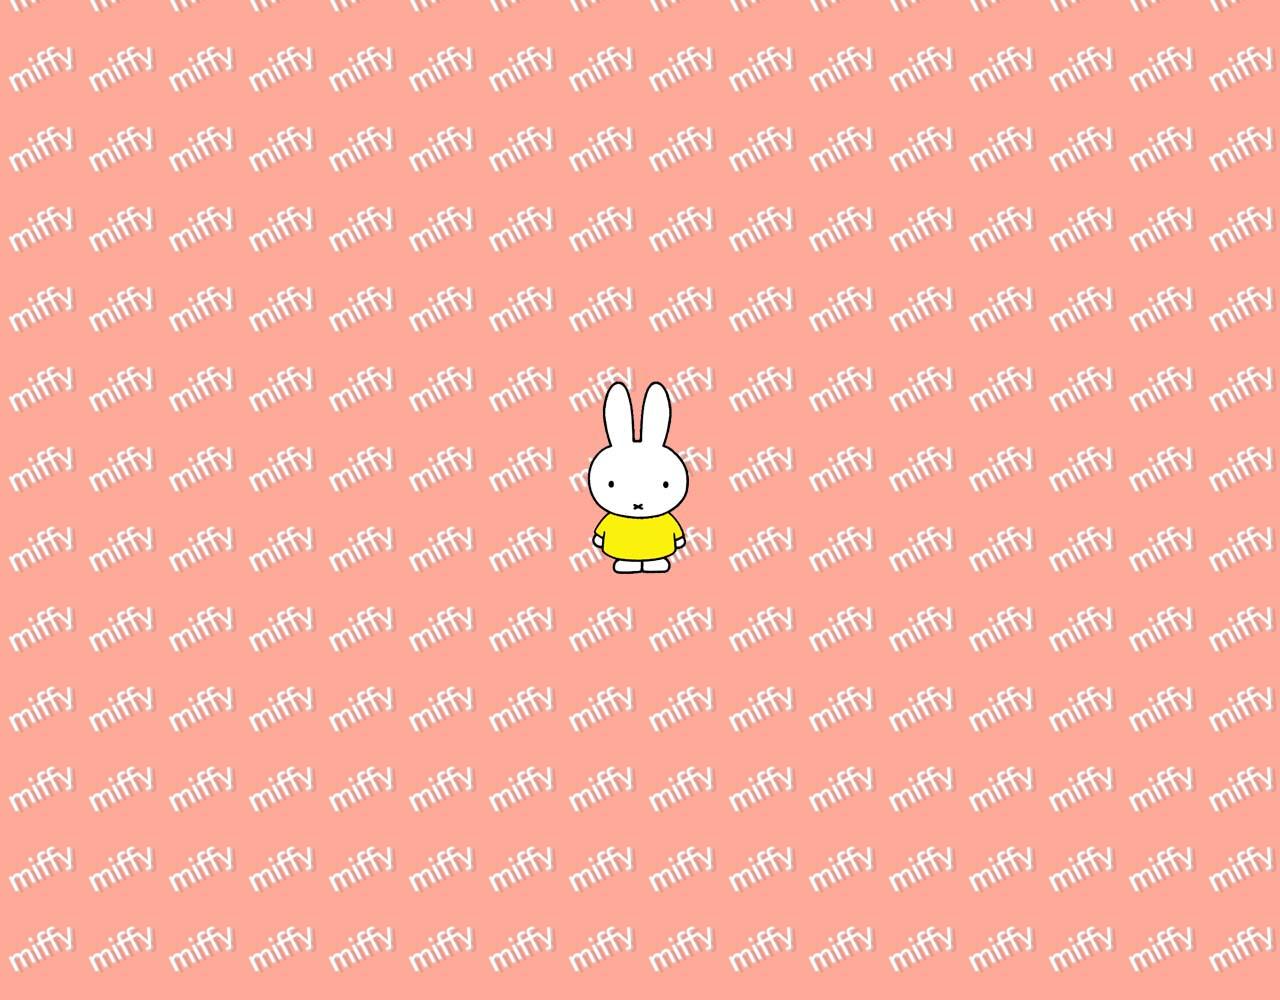 ミッフィー壁紙ダウンロード ピンク ミッフィーmiffy pc